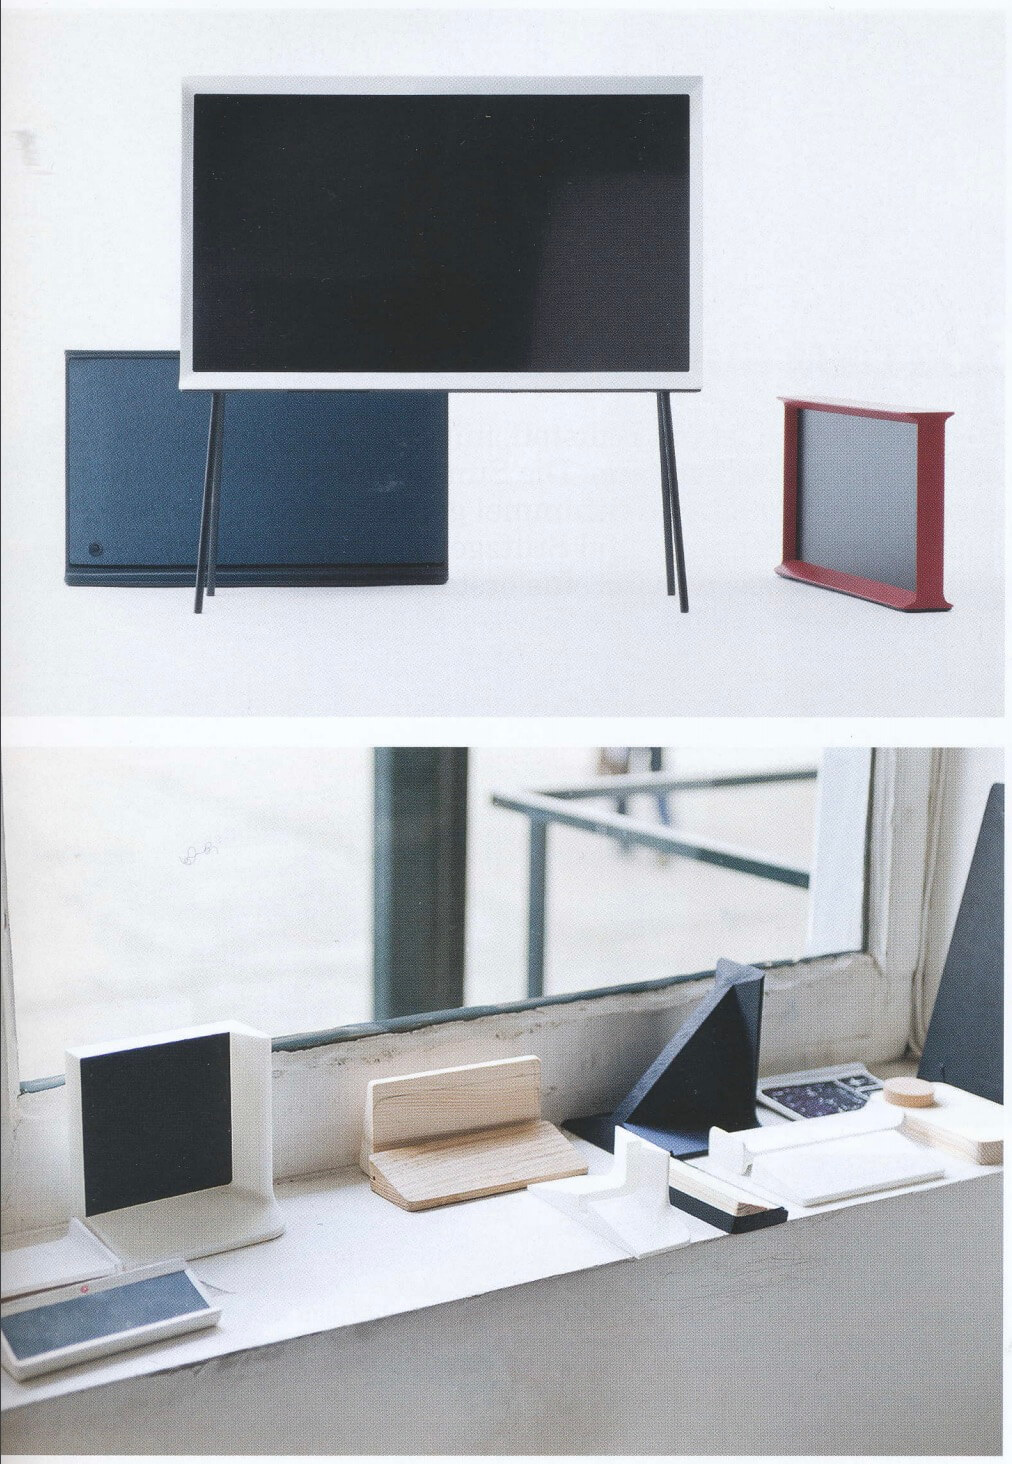 รีวิว 3 ทีวีที่สวยที่สุดเจนเนอเรชั่นนี้ The Frame The Serif และ The Sero 59 - decor